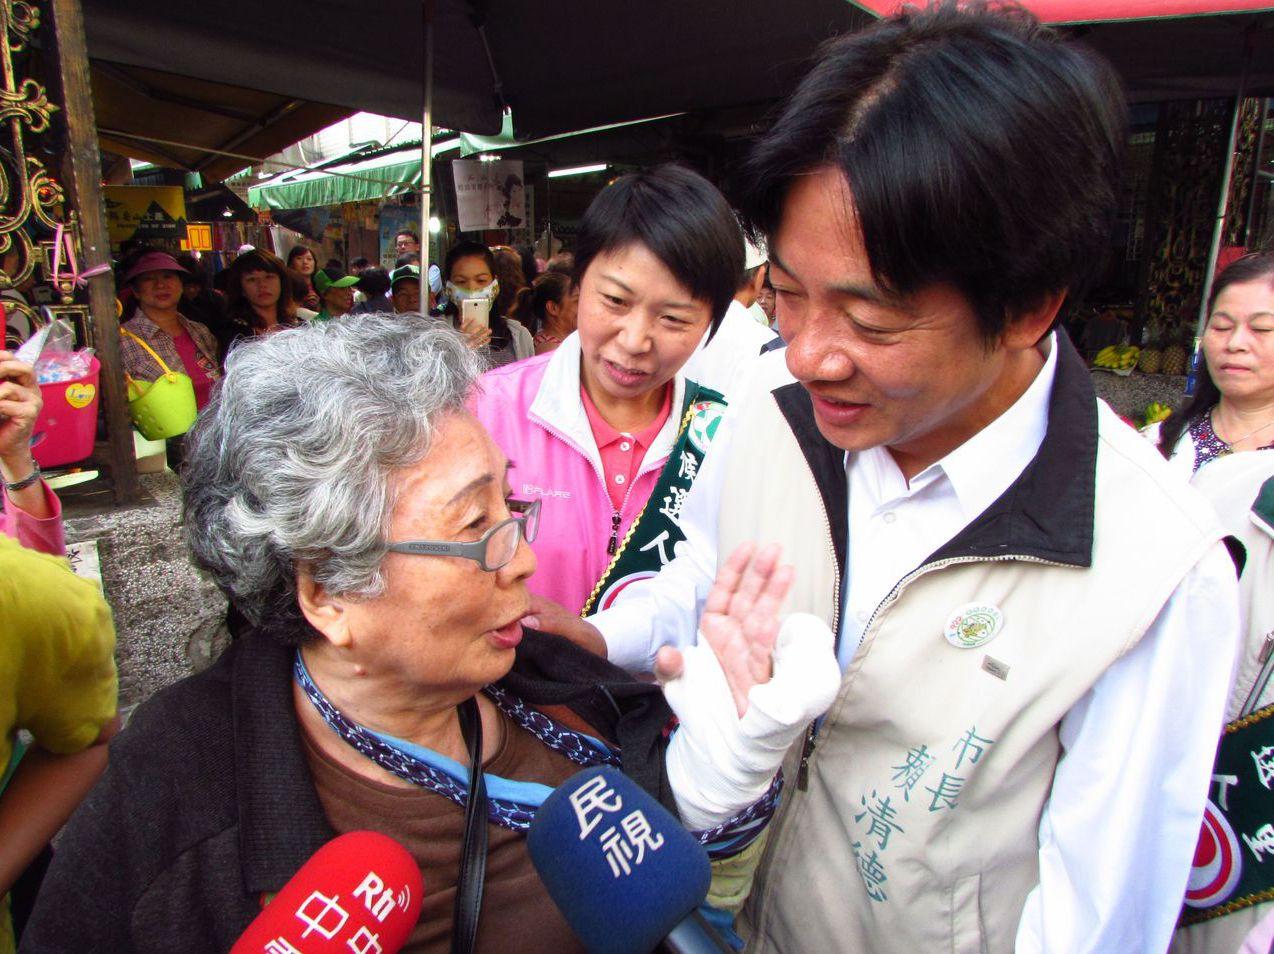 2014年賴清德競選連任台南市長不請「全」假,被對手質疑。 圖/聯合報系資料照片